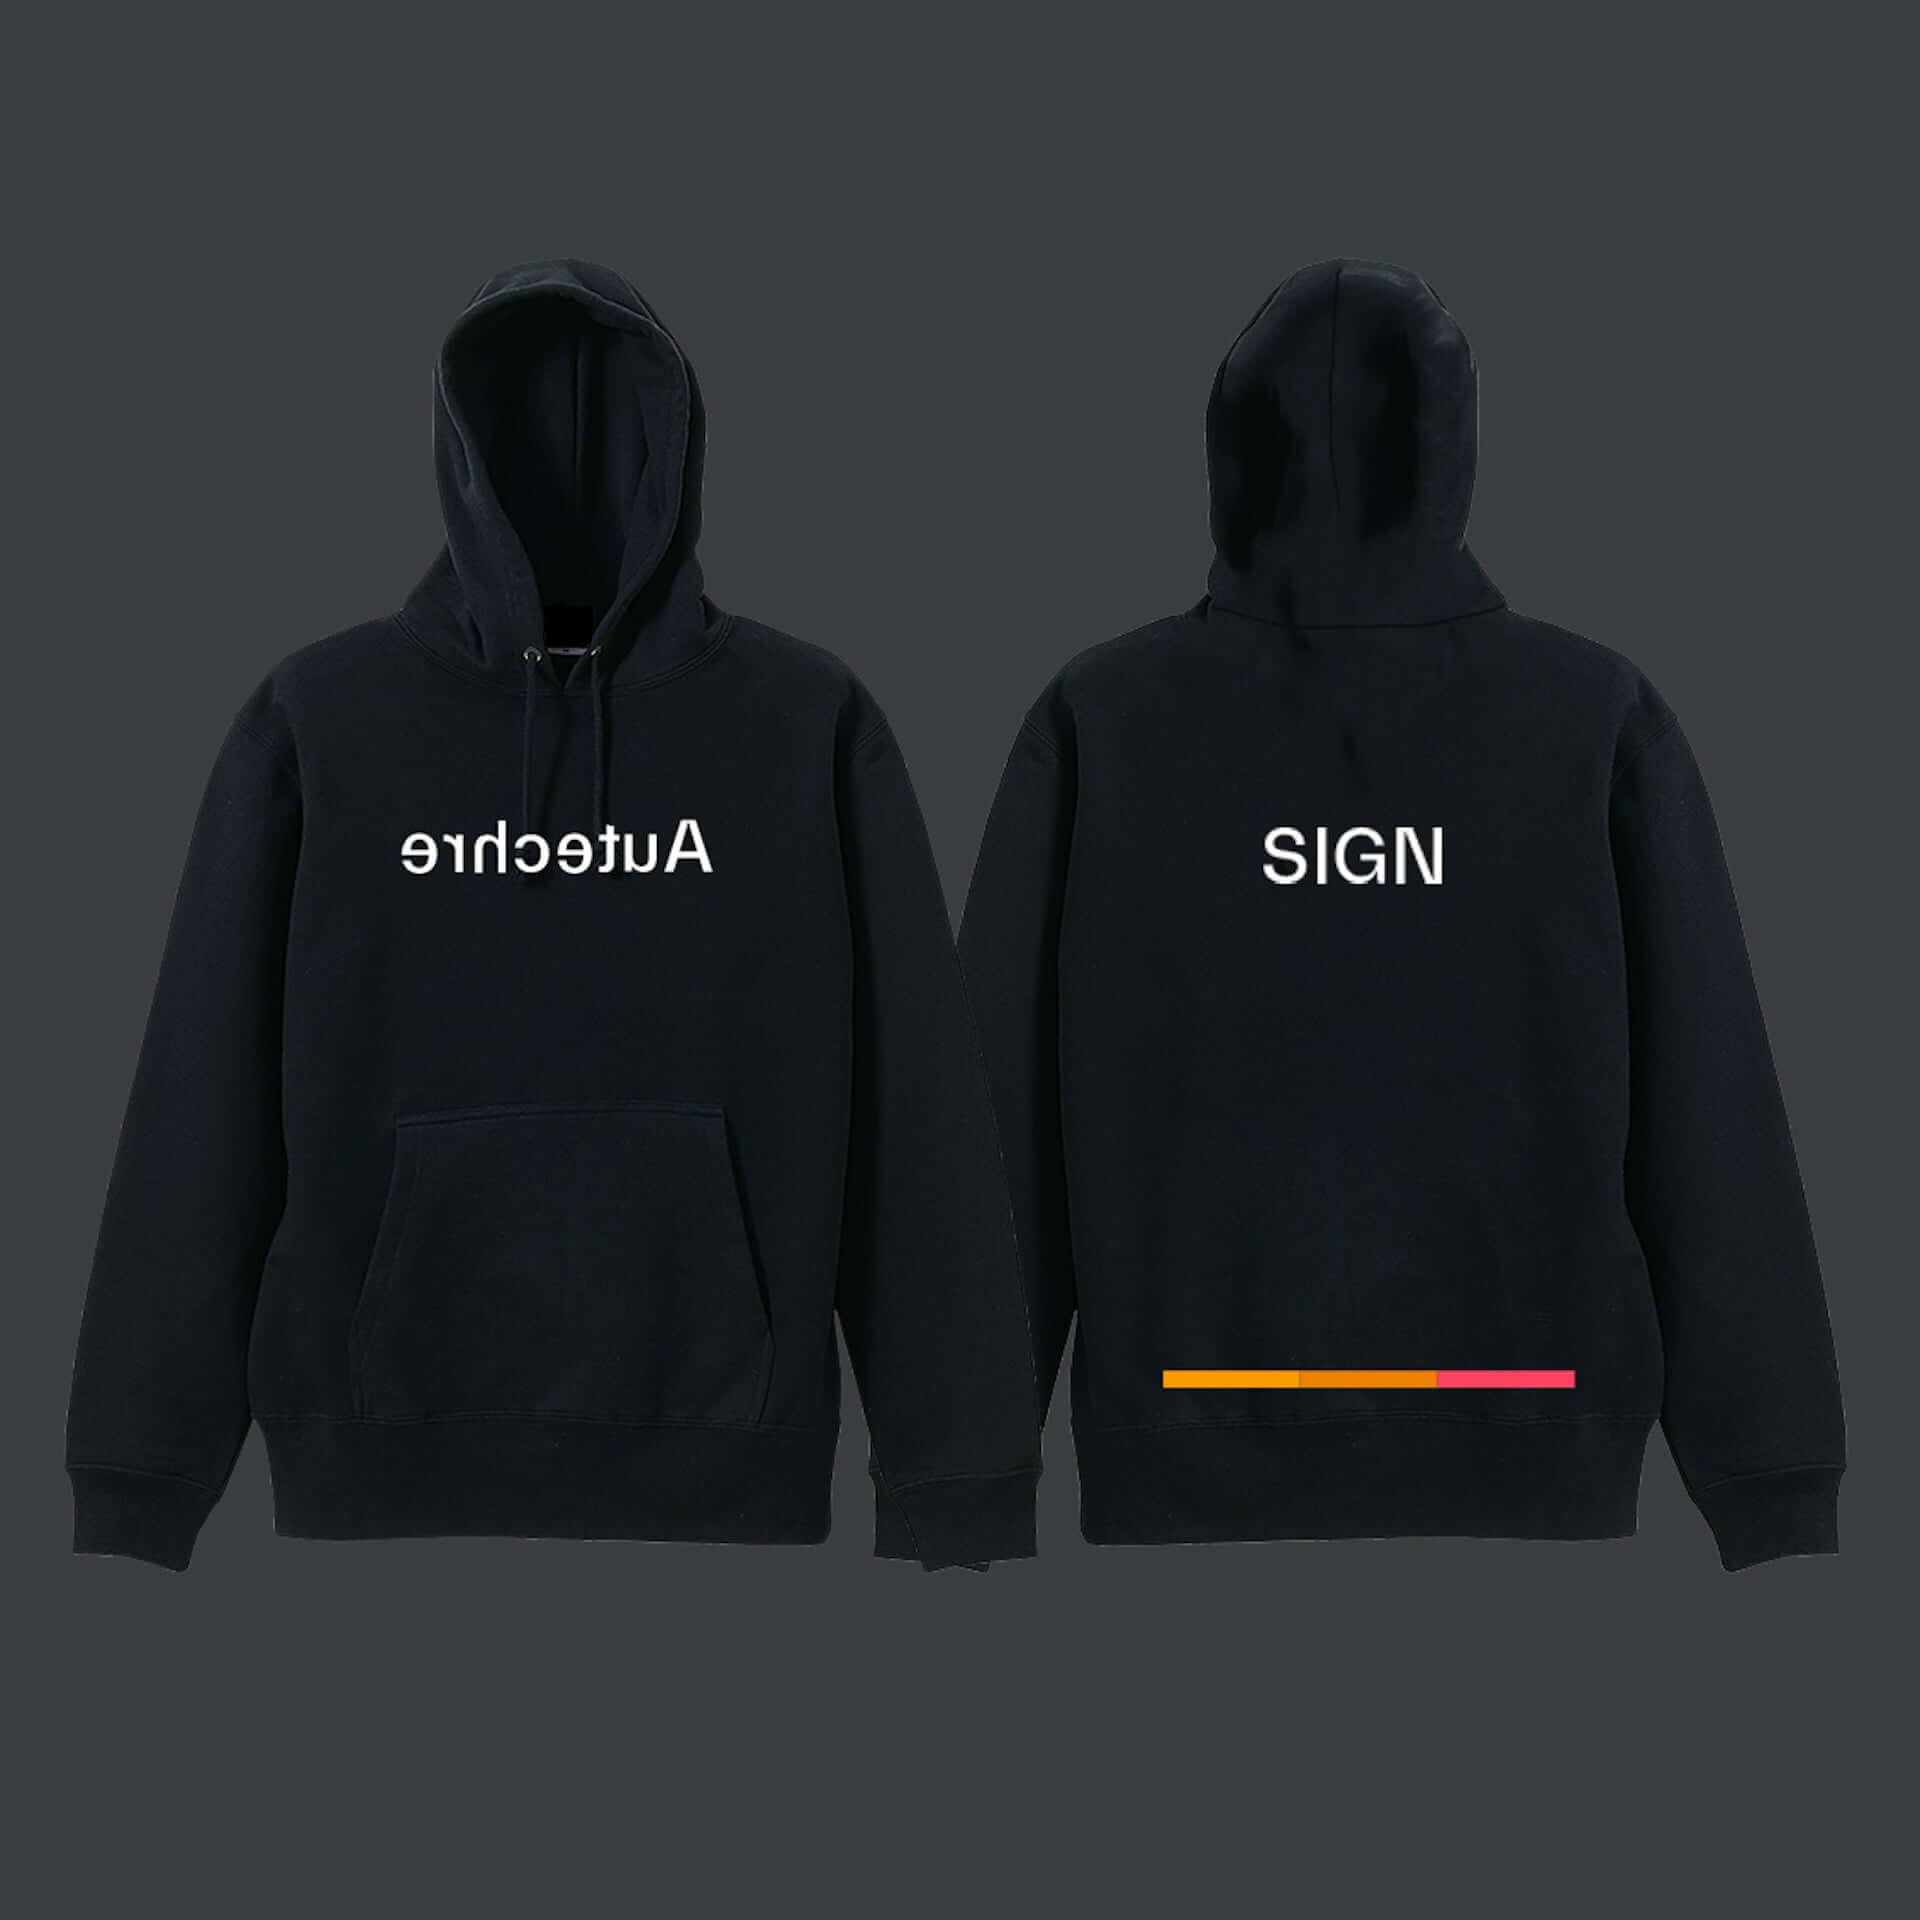 Autechreが『SIGN』に続く新アルバム『PLUS』を突如発表!ロングスリーブTシャツセット、パーカーも発売決定 music201029_autechre_3-1920x1920